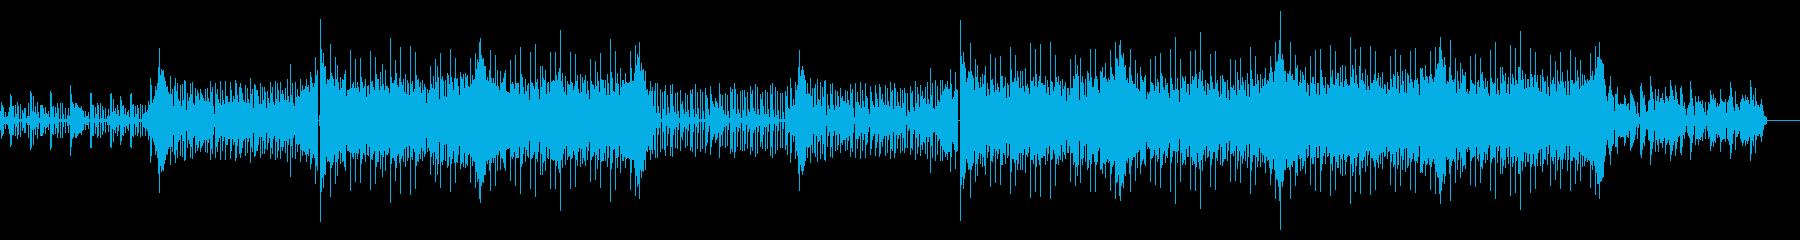 おしゃれでクールなCM企業・動画用BGMの再生済みの波形